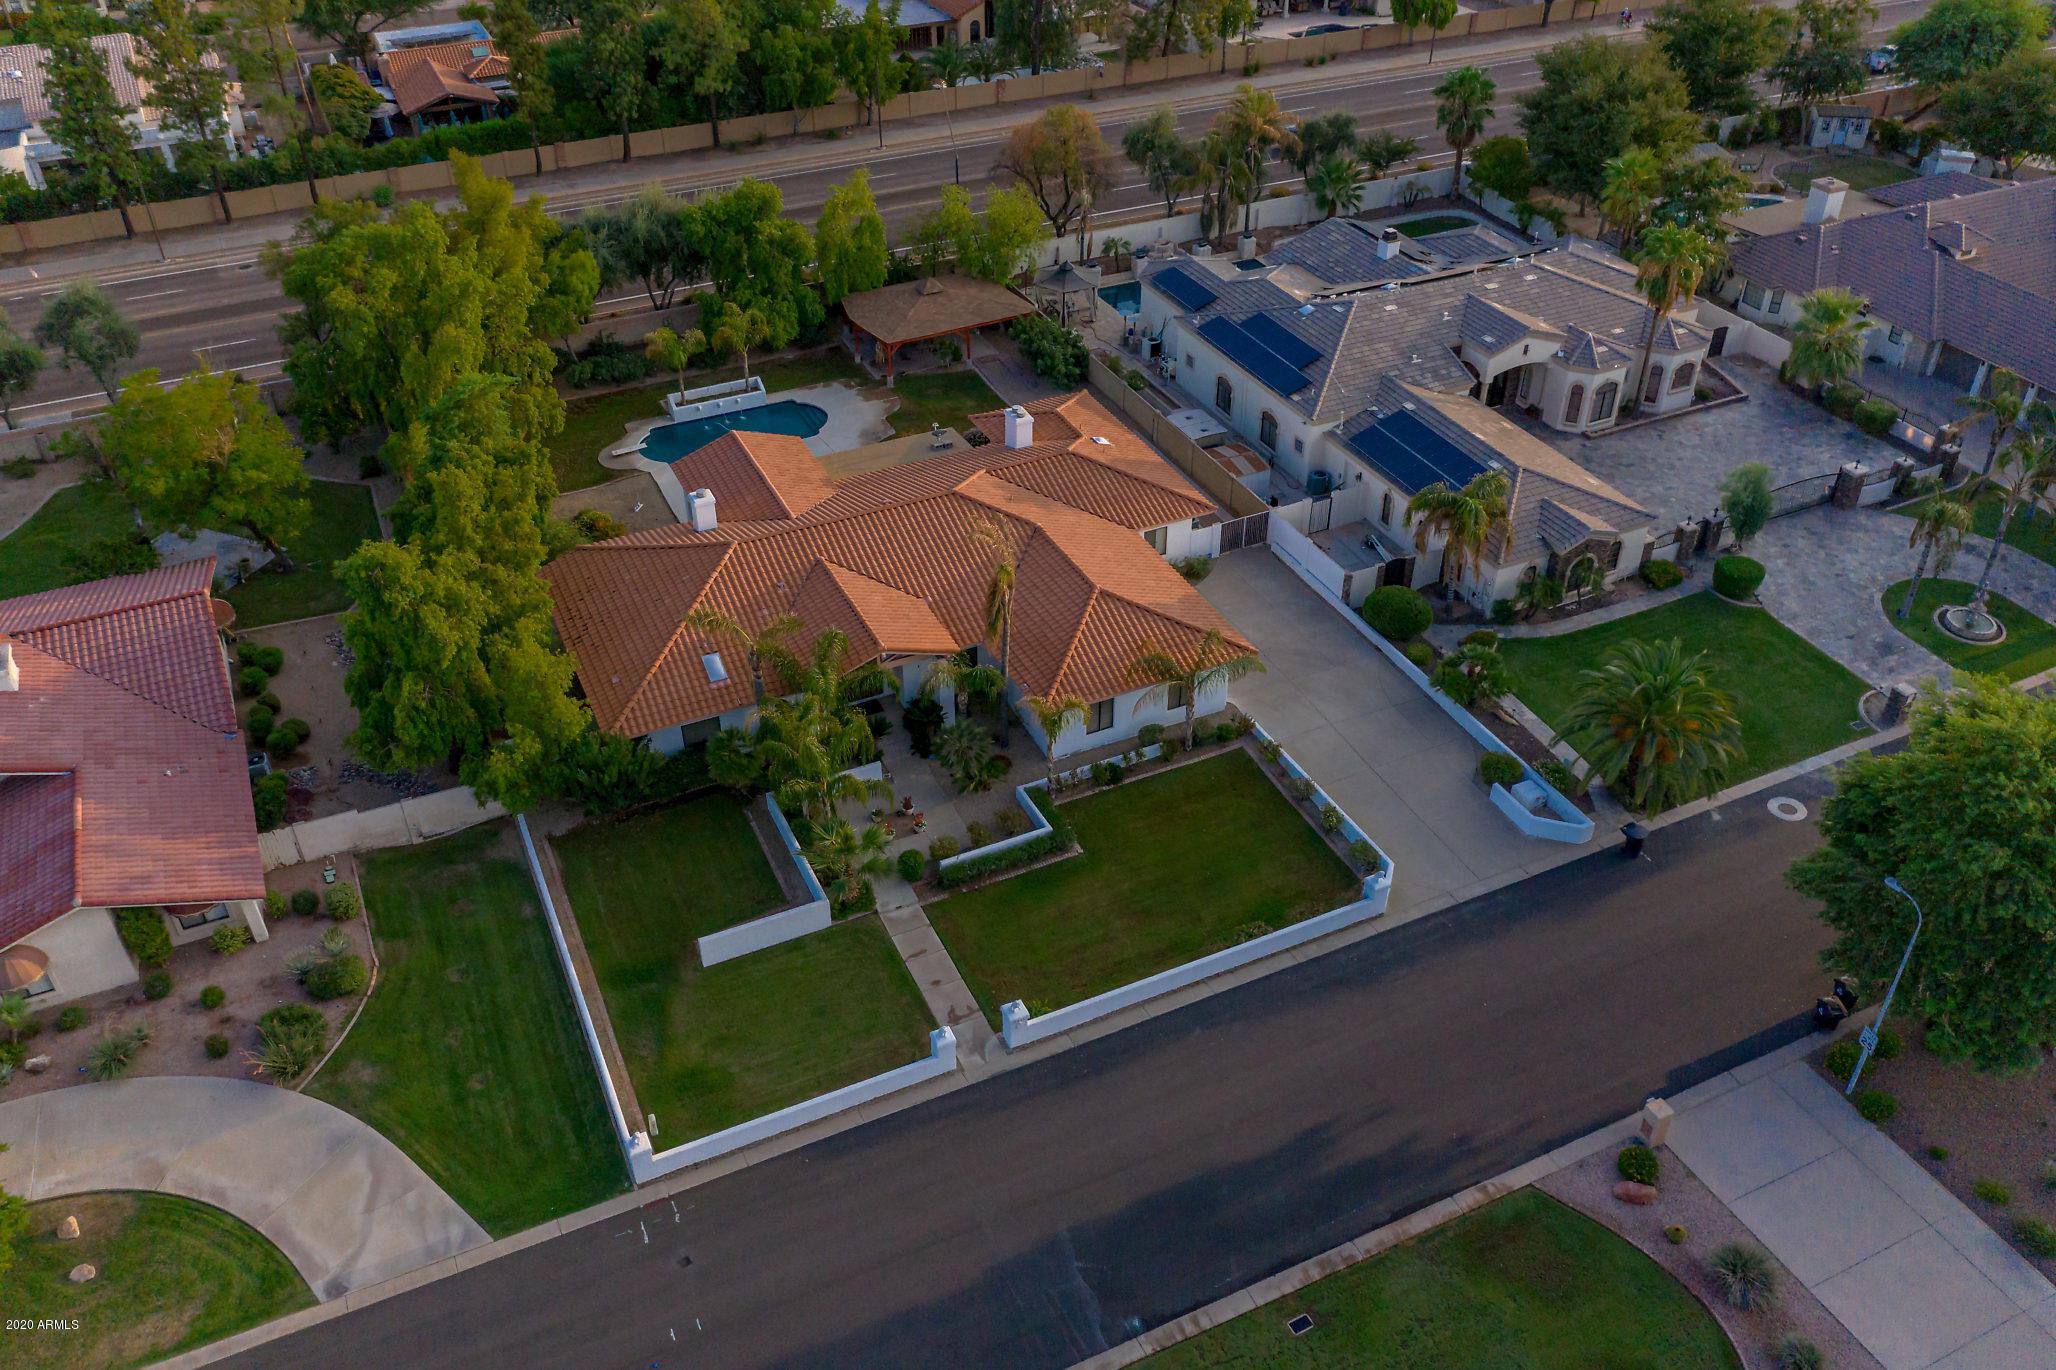 MLS 6132612 1441 E LOS ARBOLES Drive, Tempe, AZ 85284 Tempe AZ Four Bedroom